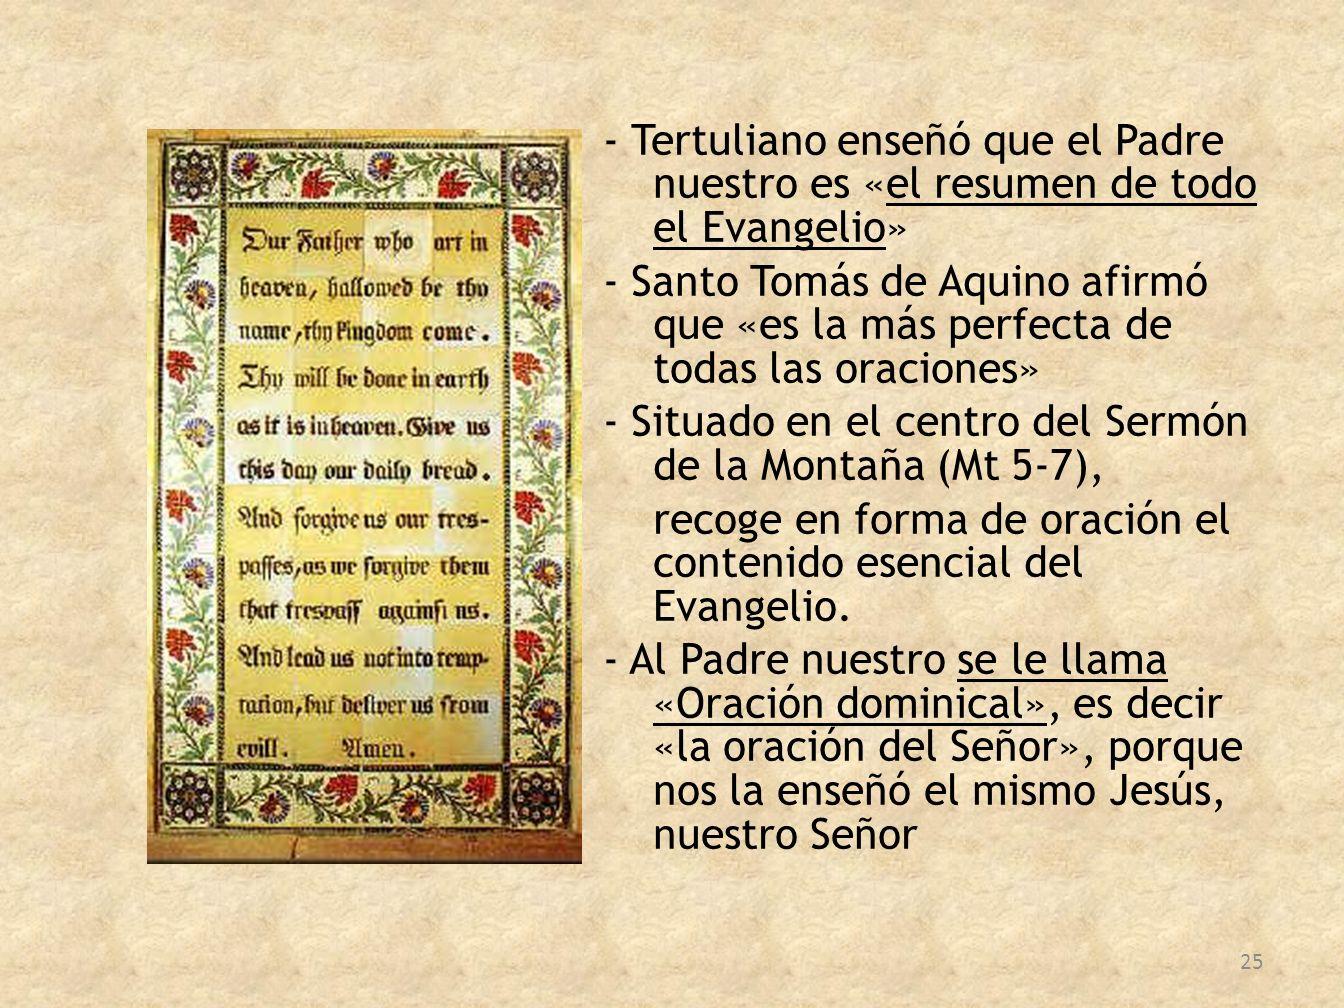 - Tertuliano enseñó que el Padre nuestro es «el resumen de todo el Evangelio» - Santo Tomás de Aquino afirmó que «es la más perfecta de todas las oraciones» - Situado en el centro del Sermón de la Montaña (Mt 5-7), recoge en forma de oración el contenido esencial del Evangelio.